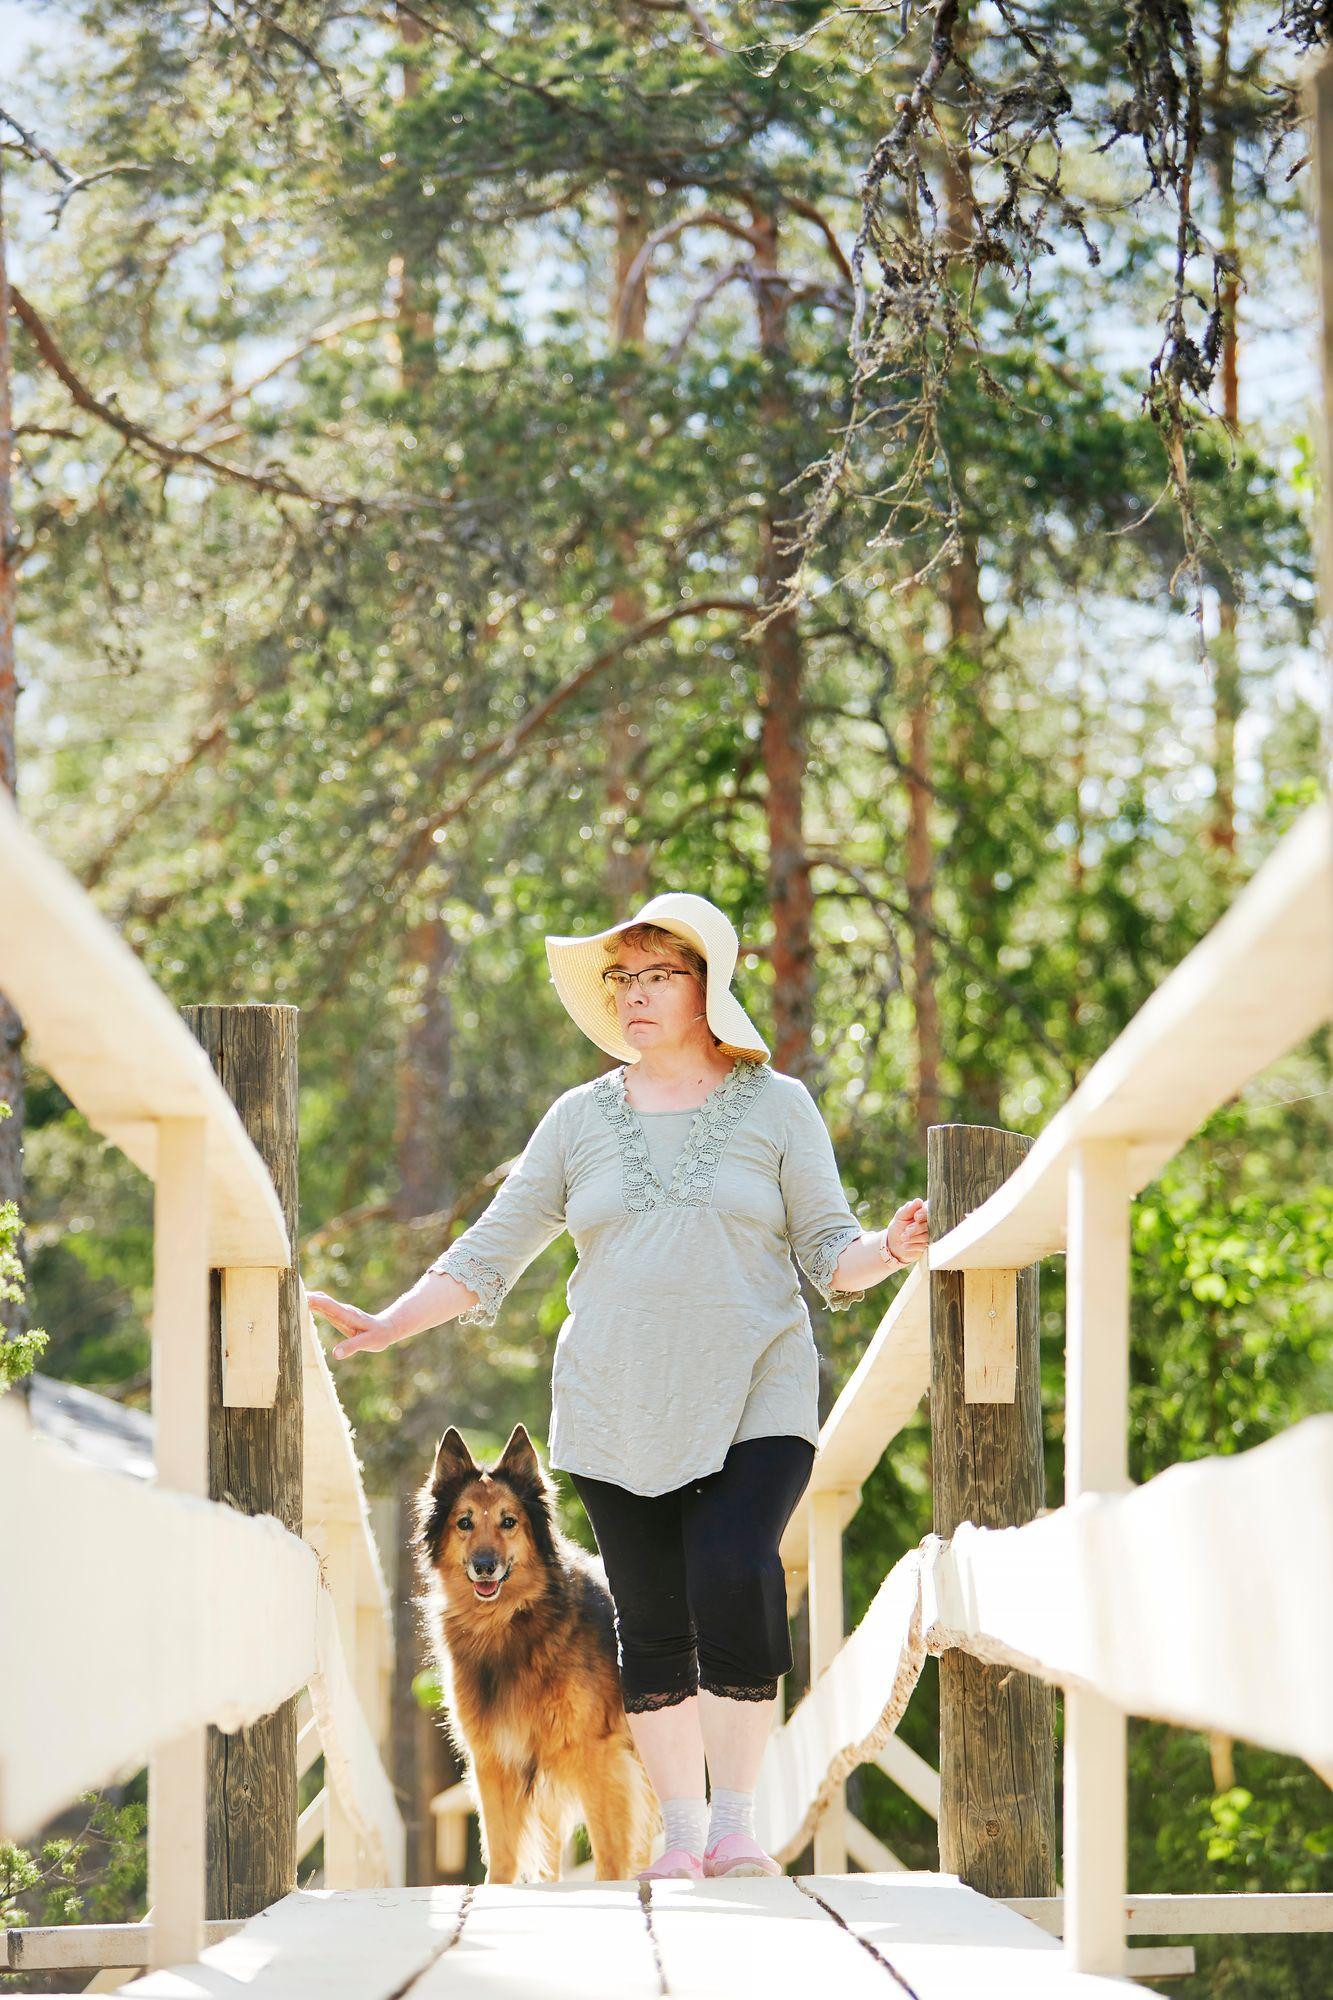 Luonto ja mökki ovat Heli Nurmelle tärkeitä paikkoja. Mukana ulkona kulkee usein Zira-koira. © Sara Pihlaja